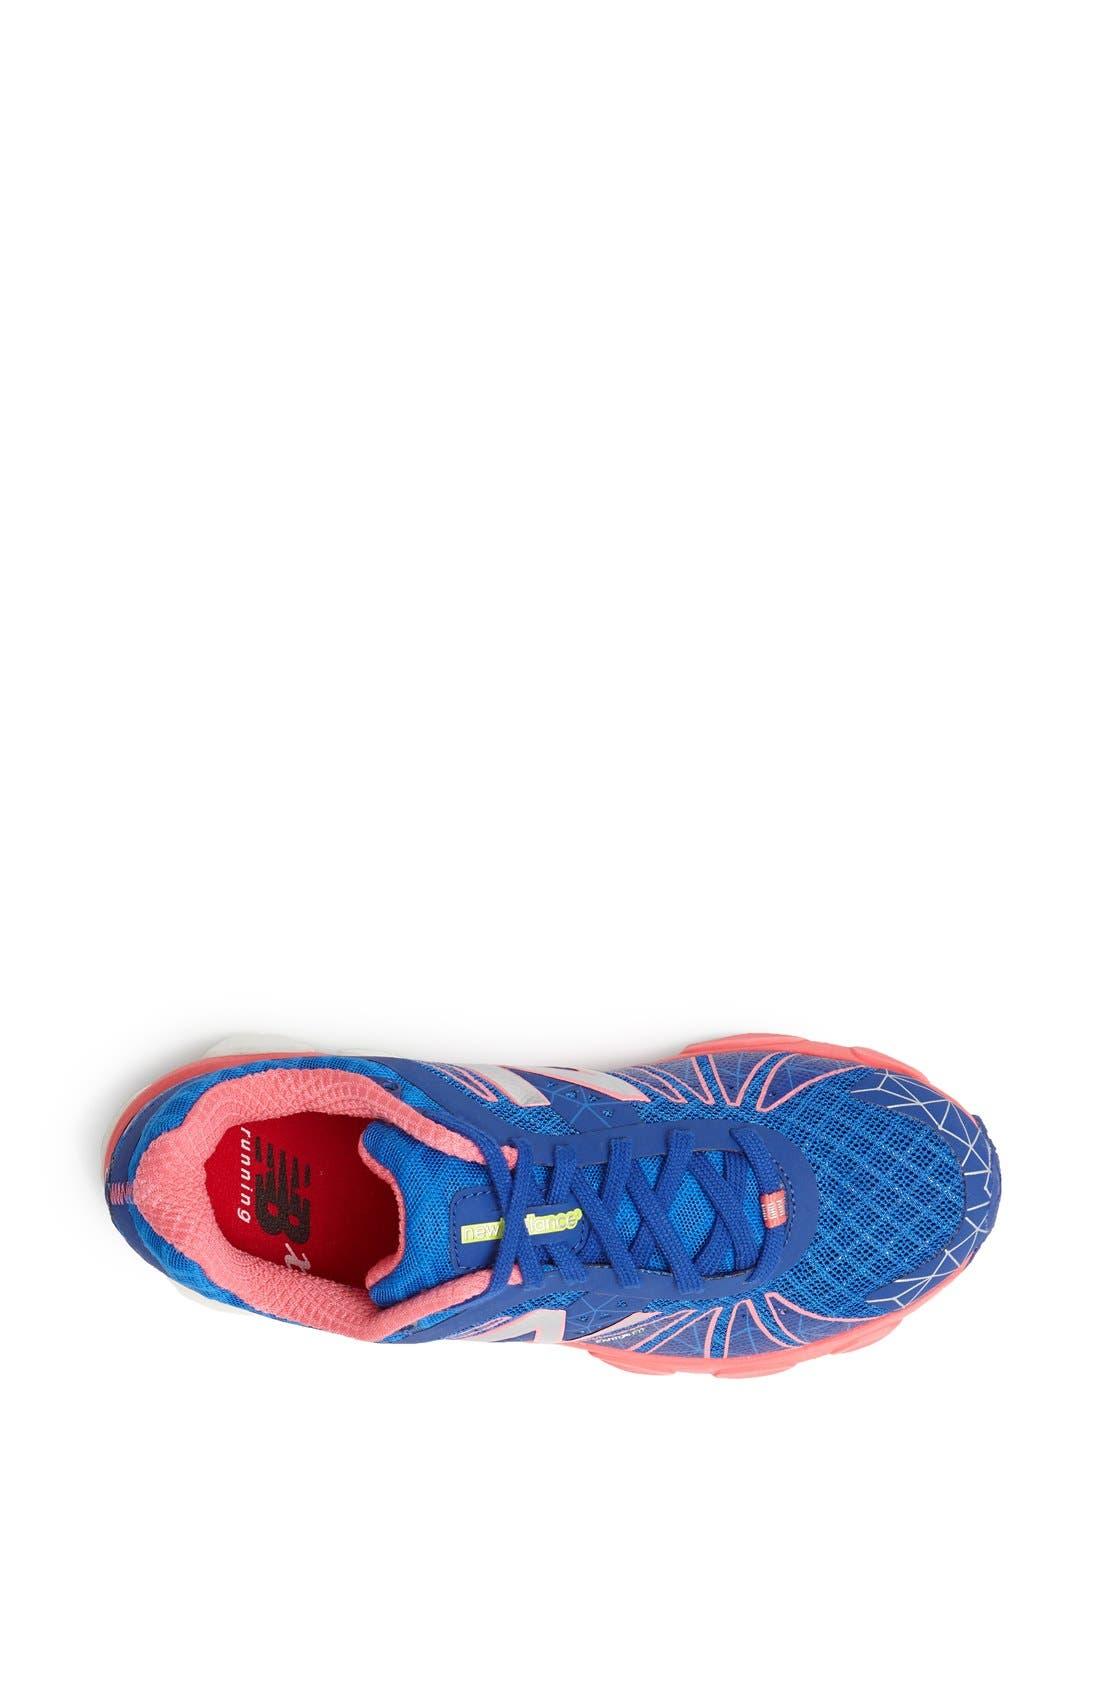 Alternate Image 3  - New Balance '890' Running Shoe (Women)